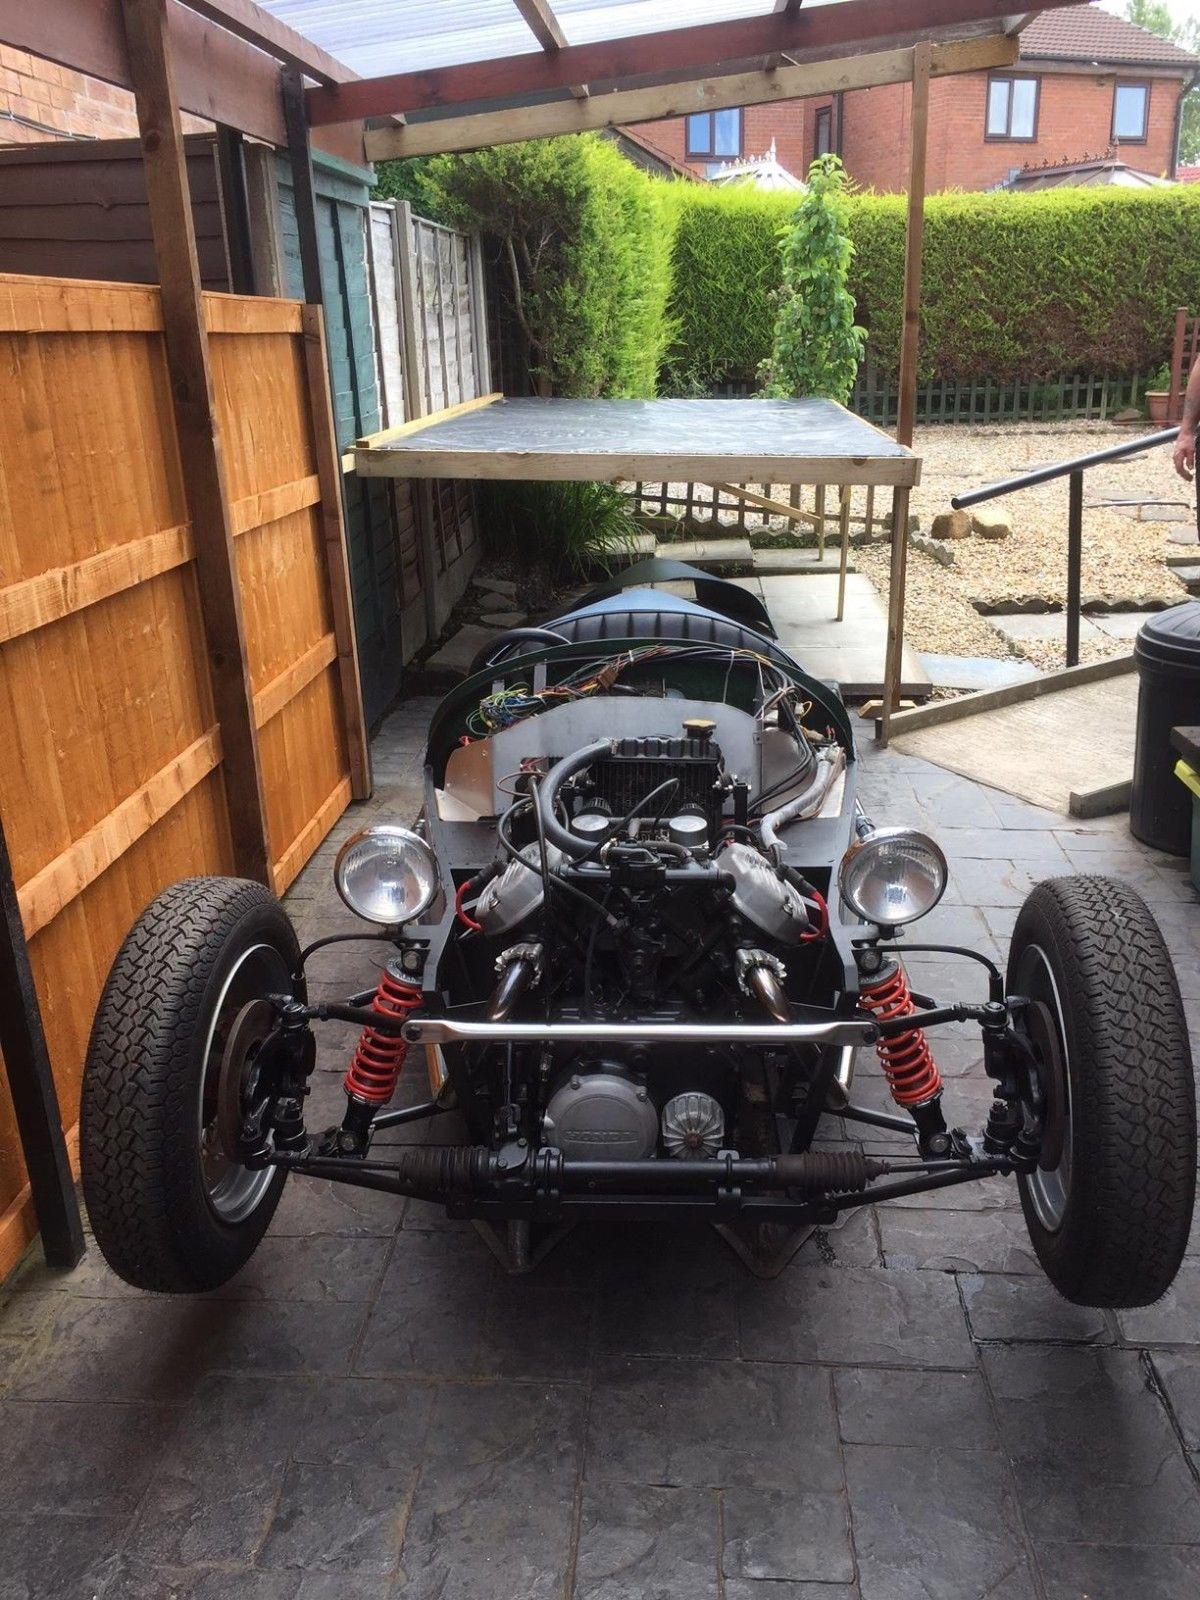 honda cx500 reverse trike. Jzr . morgan . kit car. unfinished project